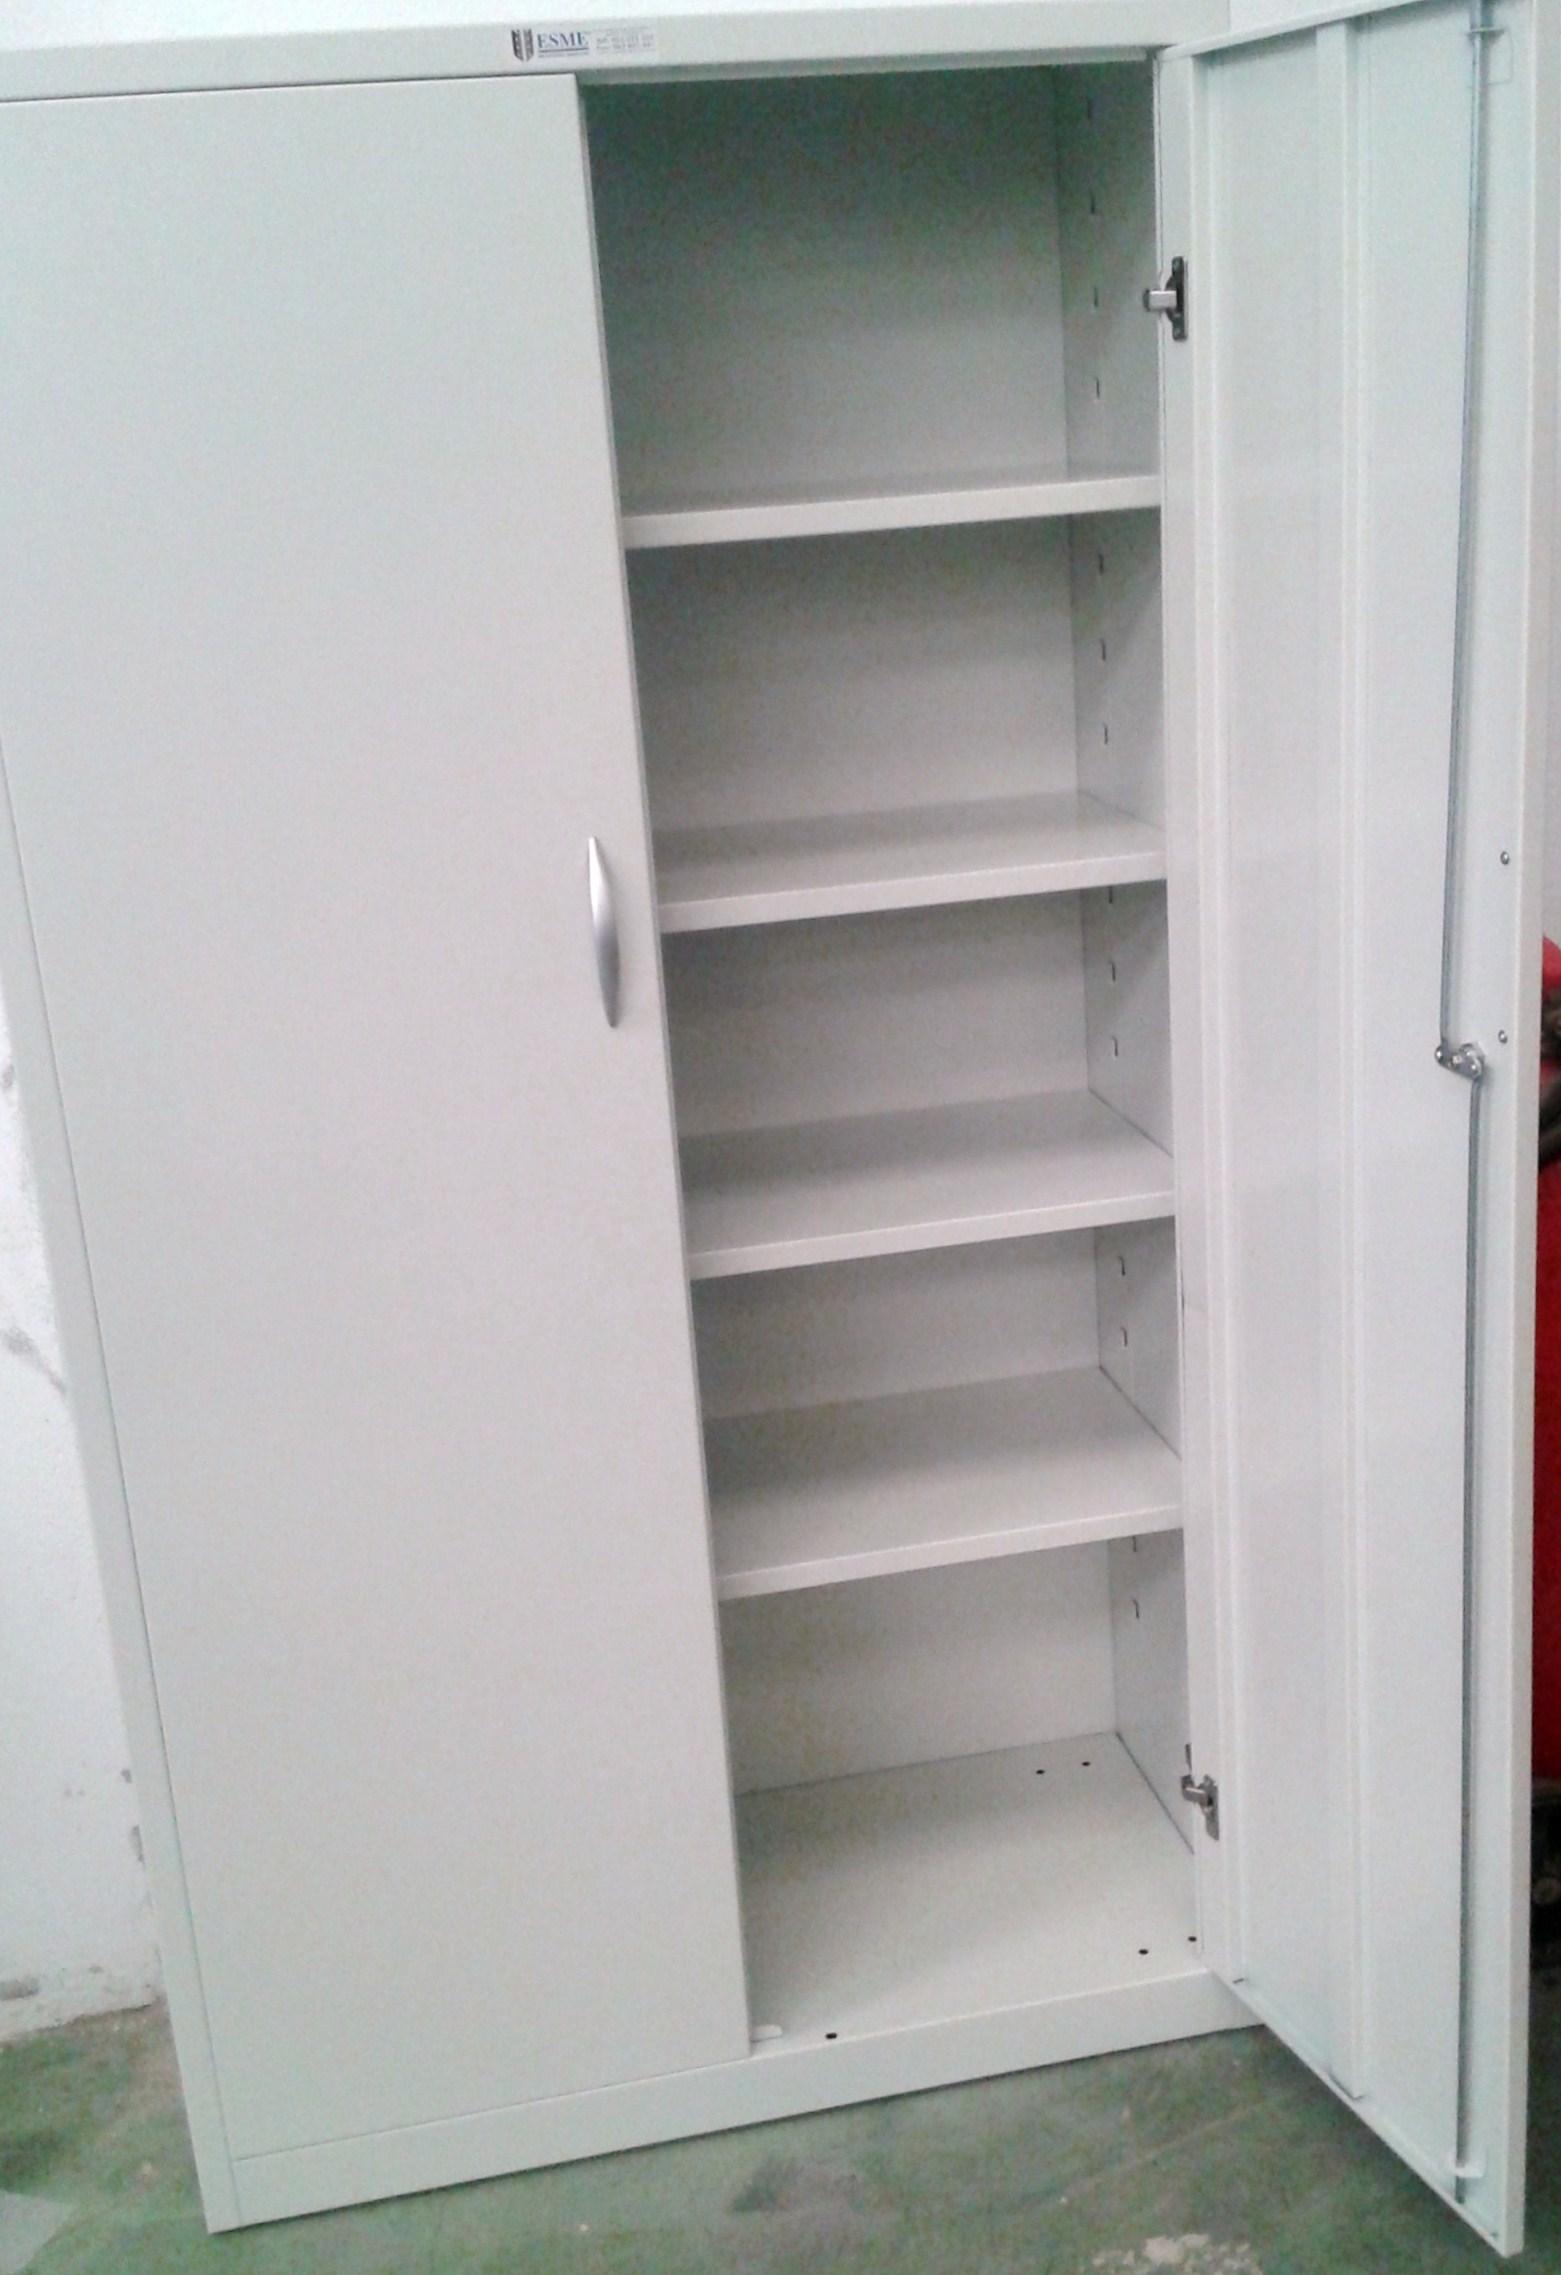 Armarios metalicos de puertas batientes estanterias - Tornillos para muebles ...